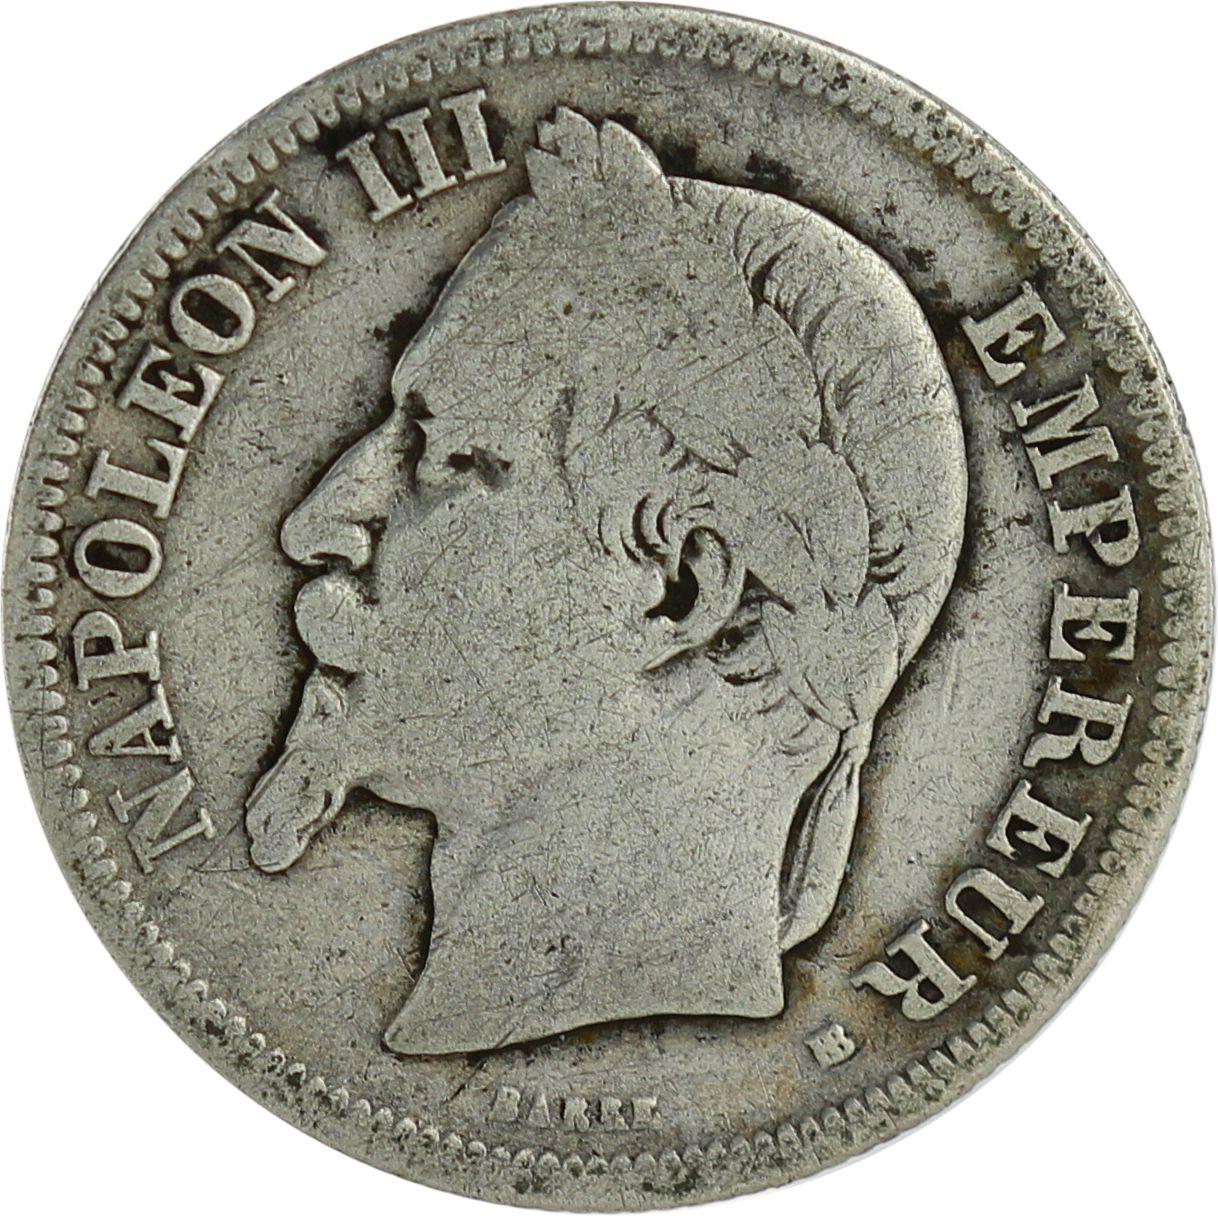 France 2 Francs Napoléon III - Arms 1866-1870